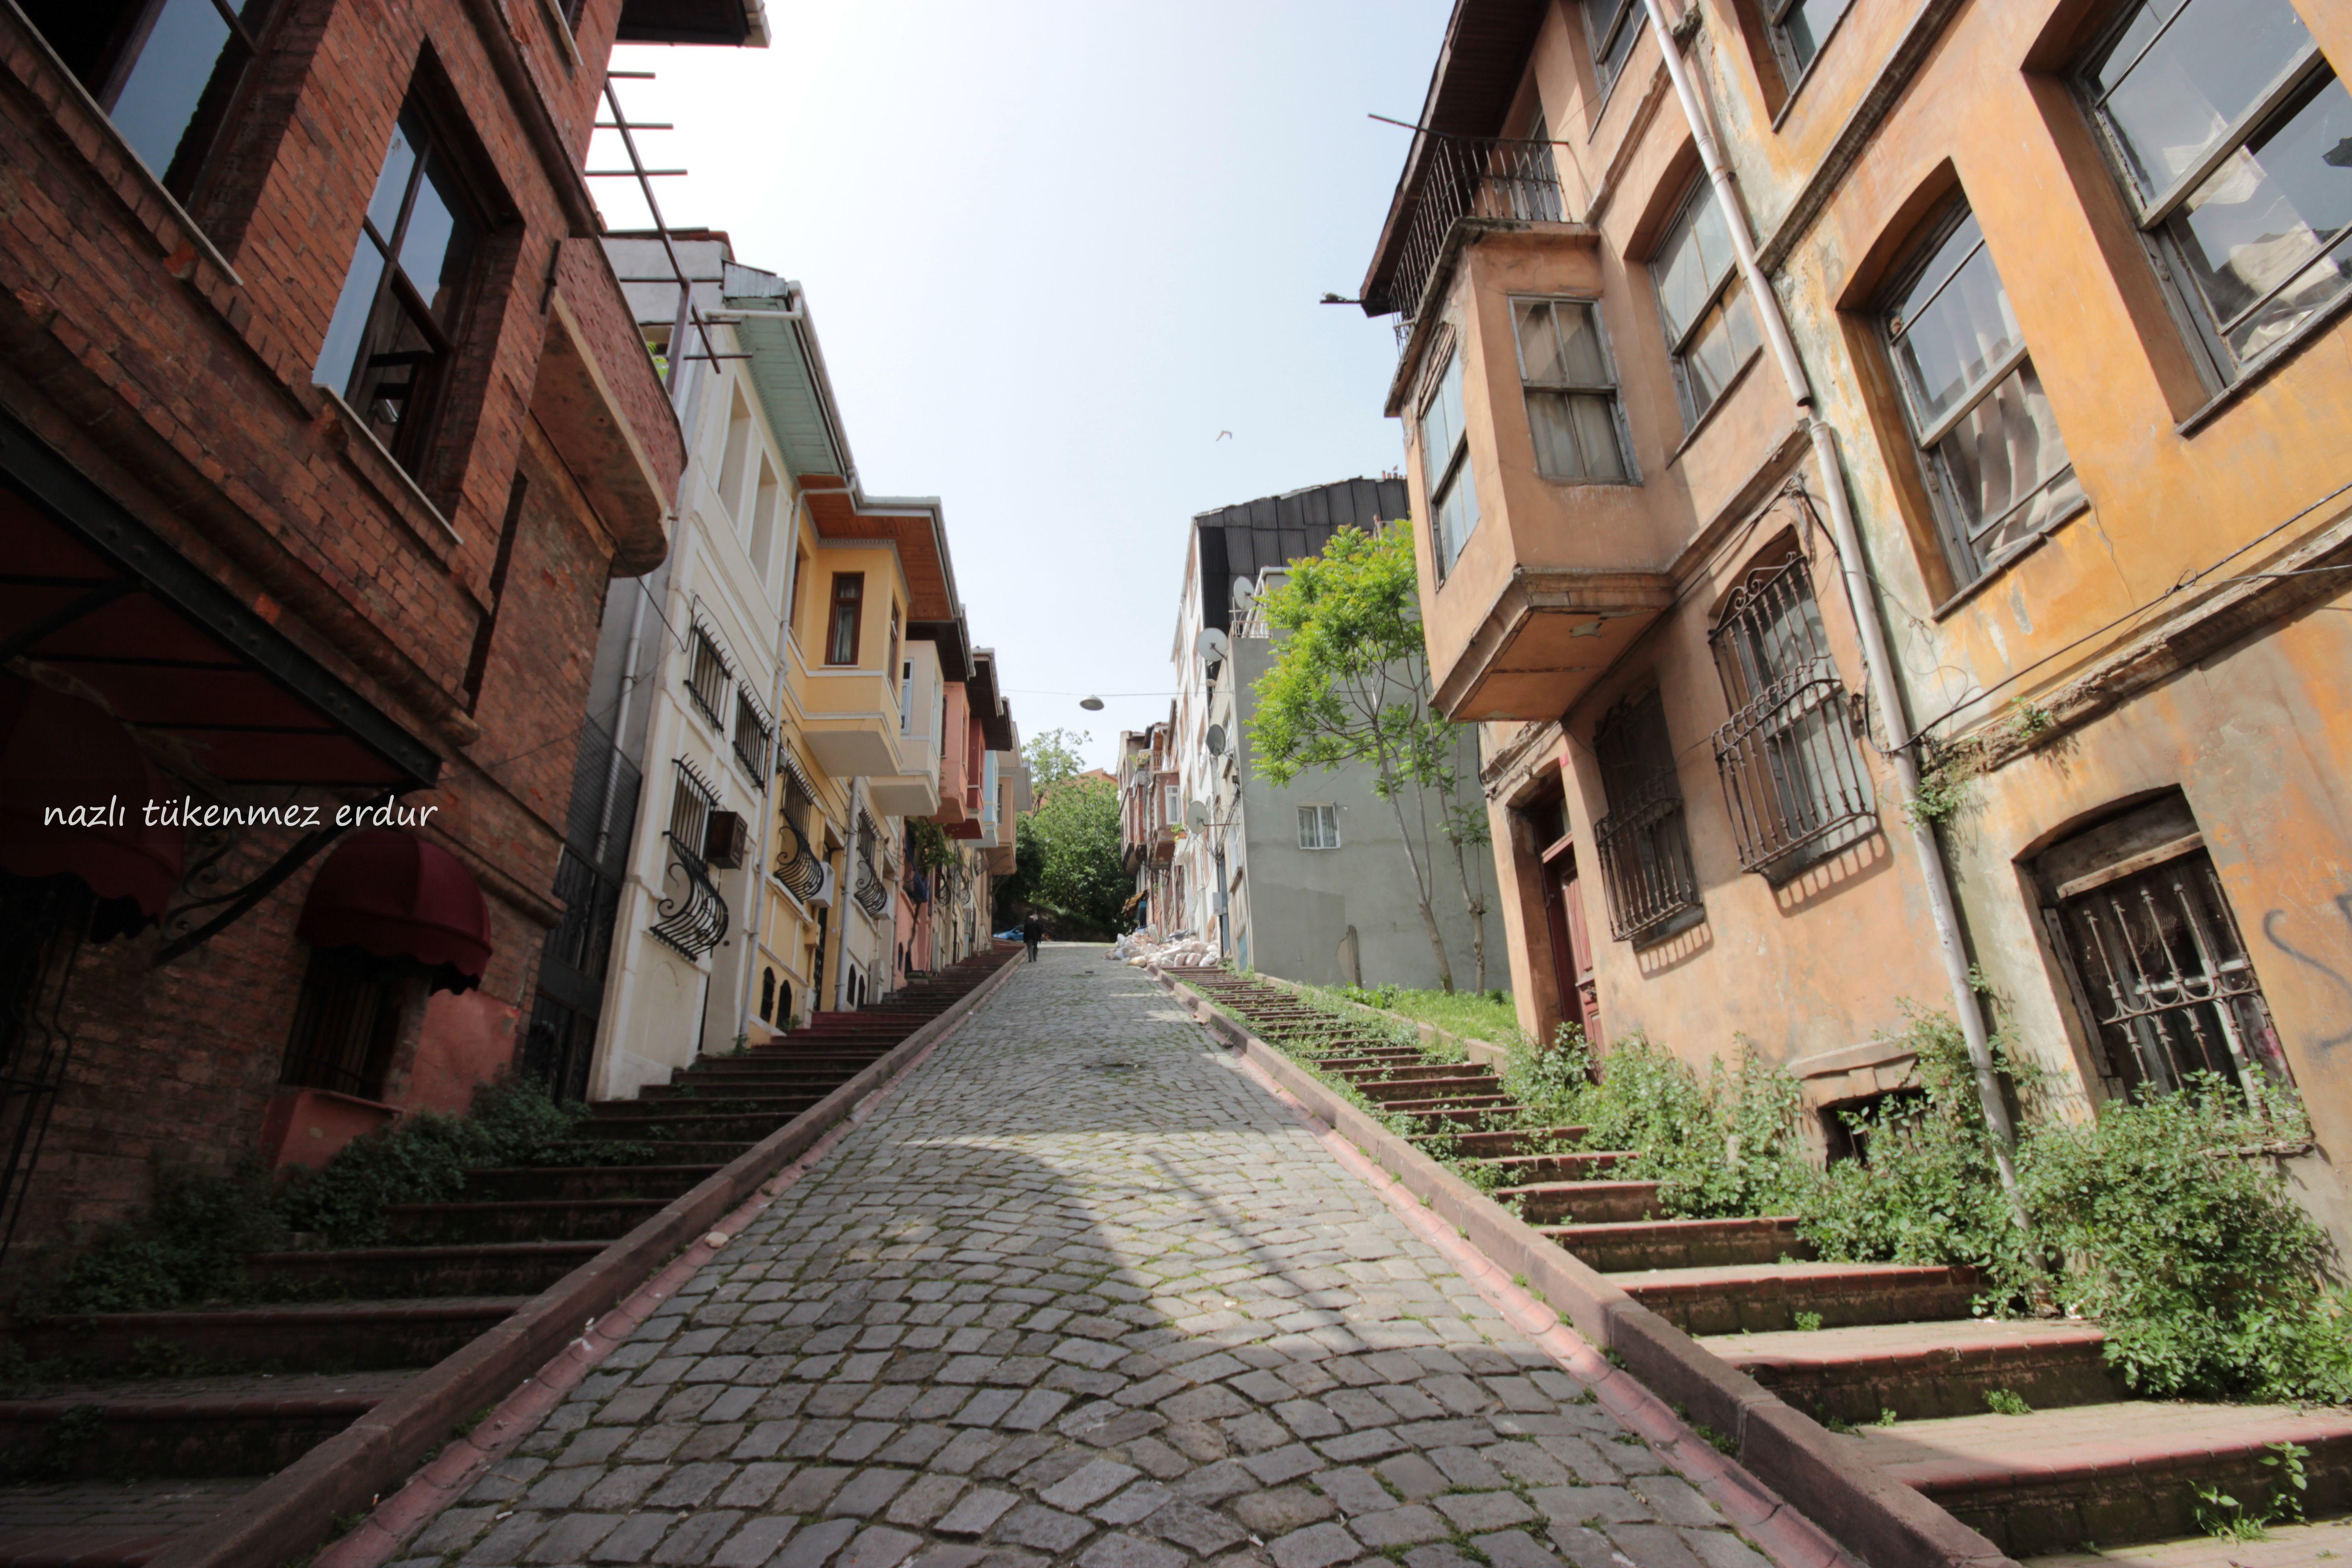 #IstanbulPhotos #Turkey #Istanbul #Balat Eski İstanbul'un Arka Sokakları #AhşapBinalar #Merdivenler #Yokuş